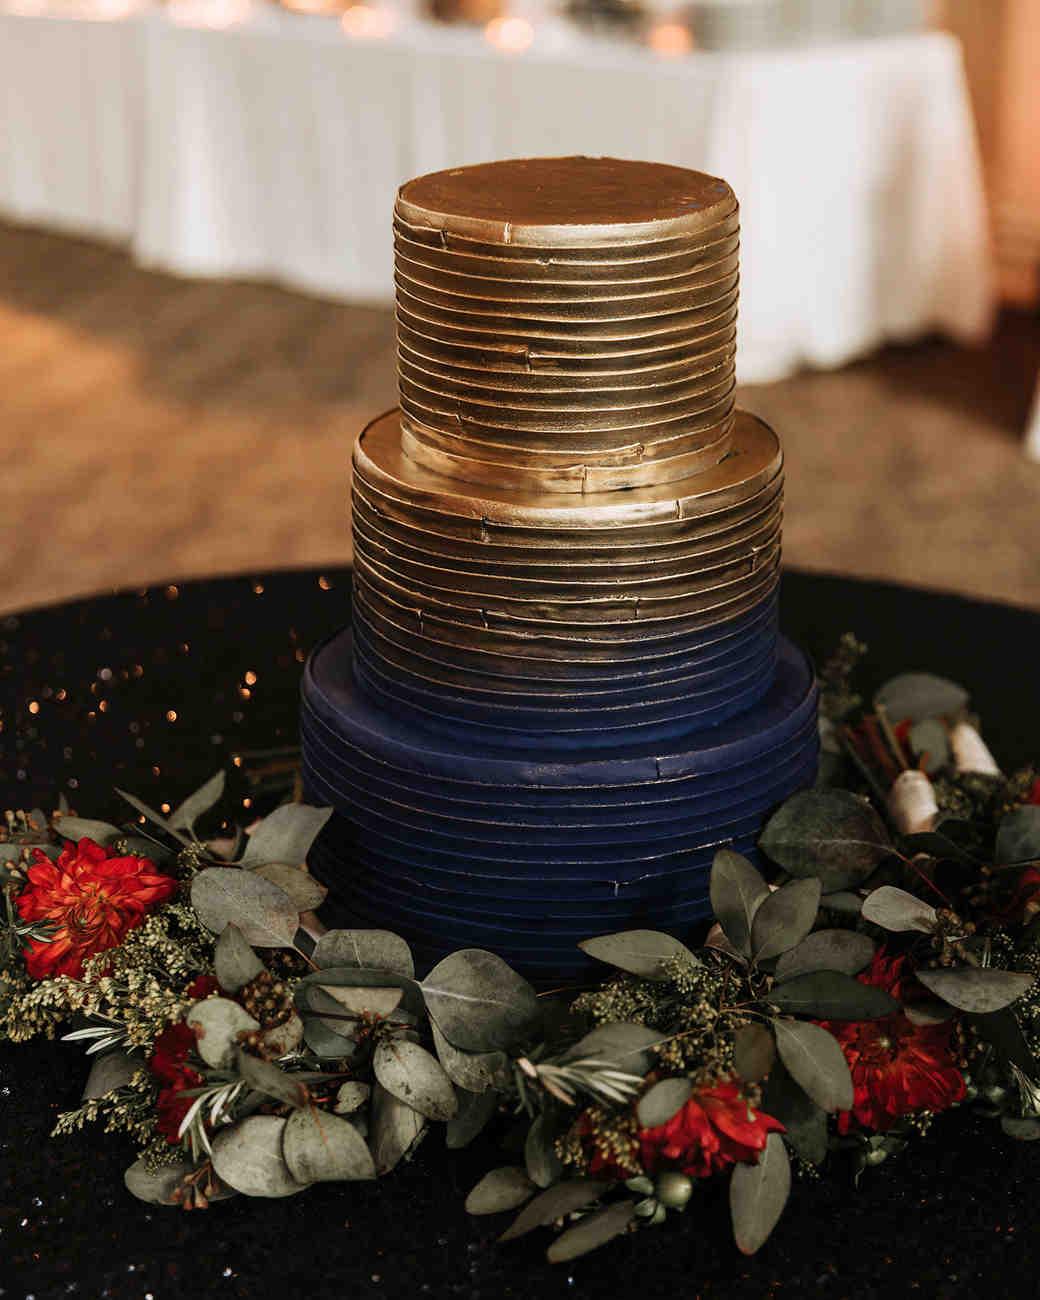 joe-tim-wedding-cake-gold-1174-1018_vert.jpg